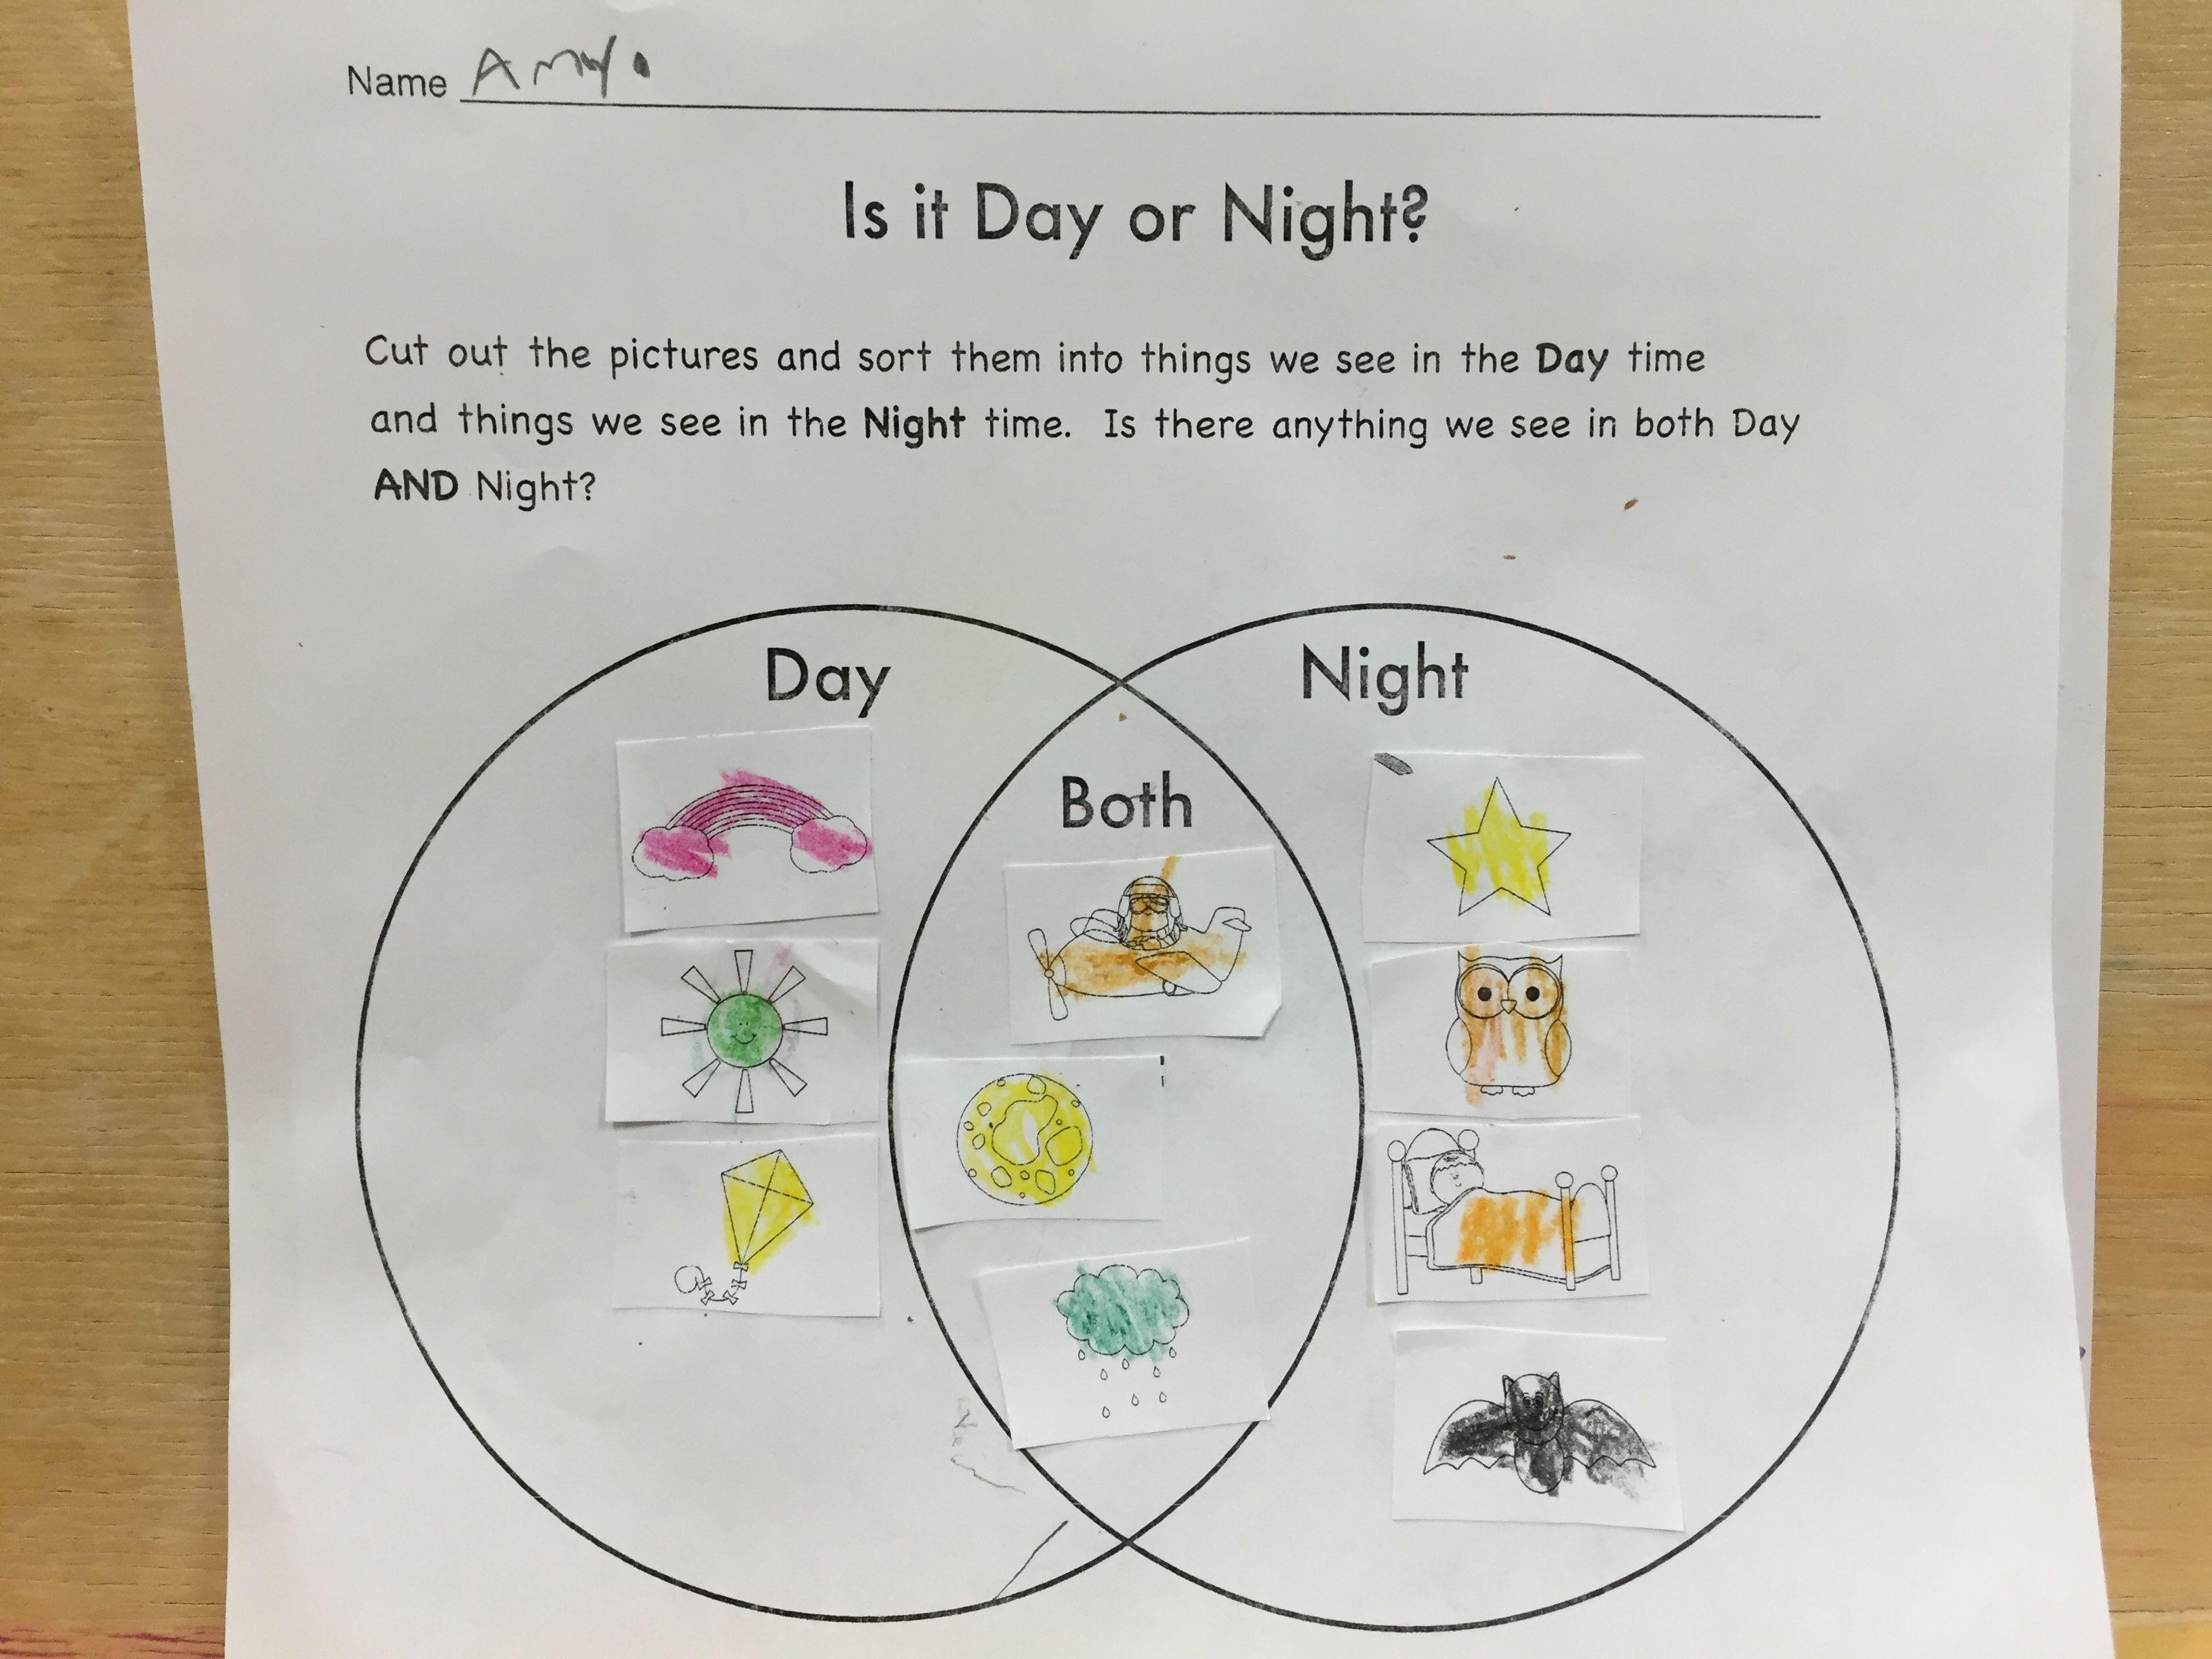 is it day or night venn